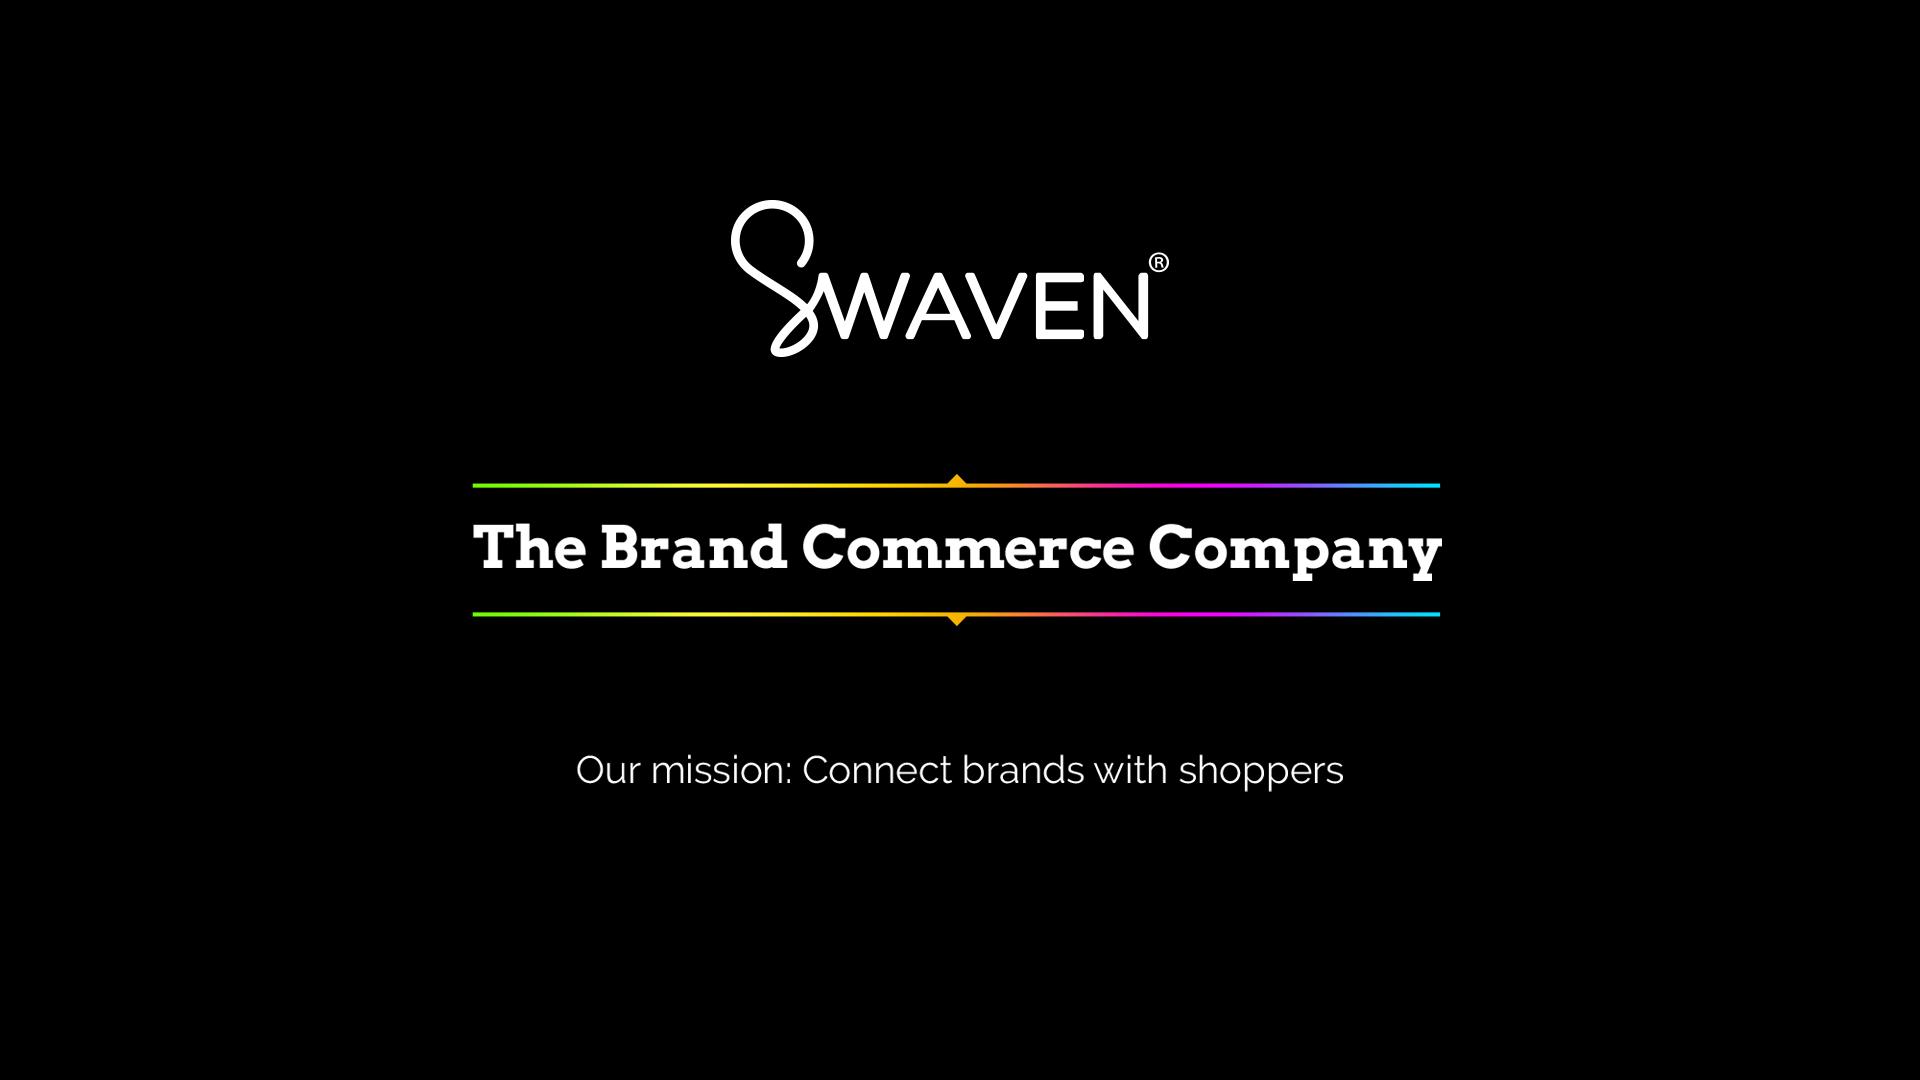 Swaven header image